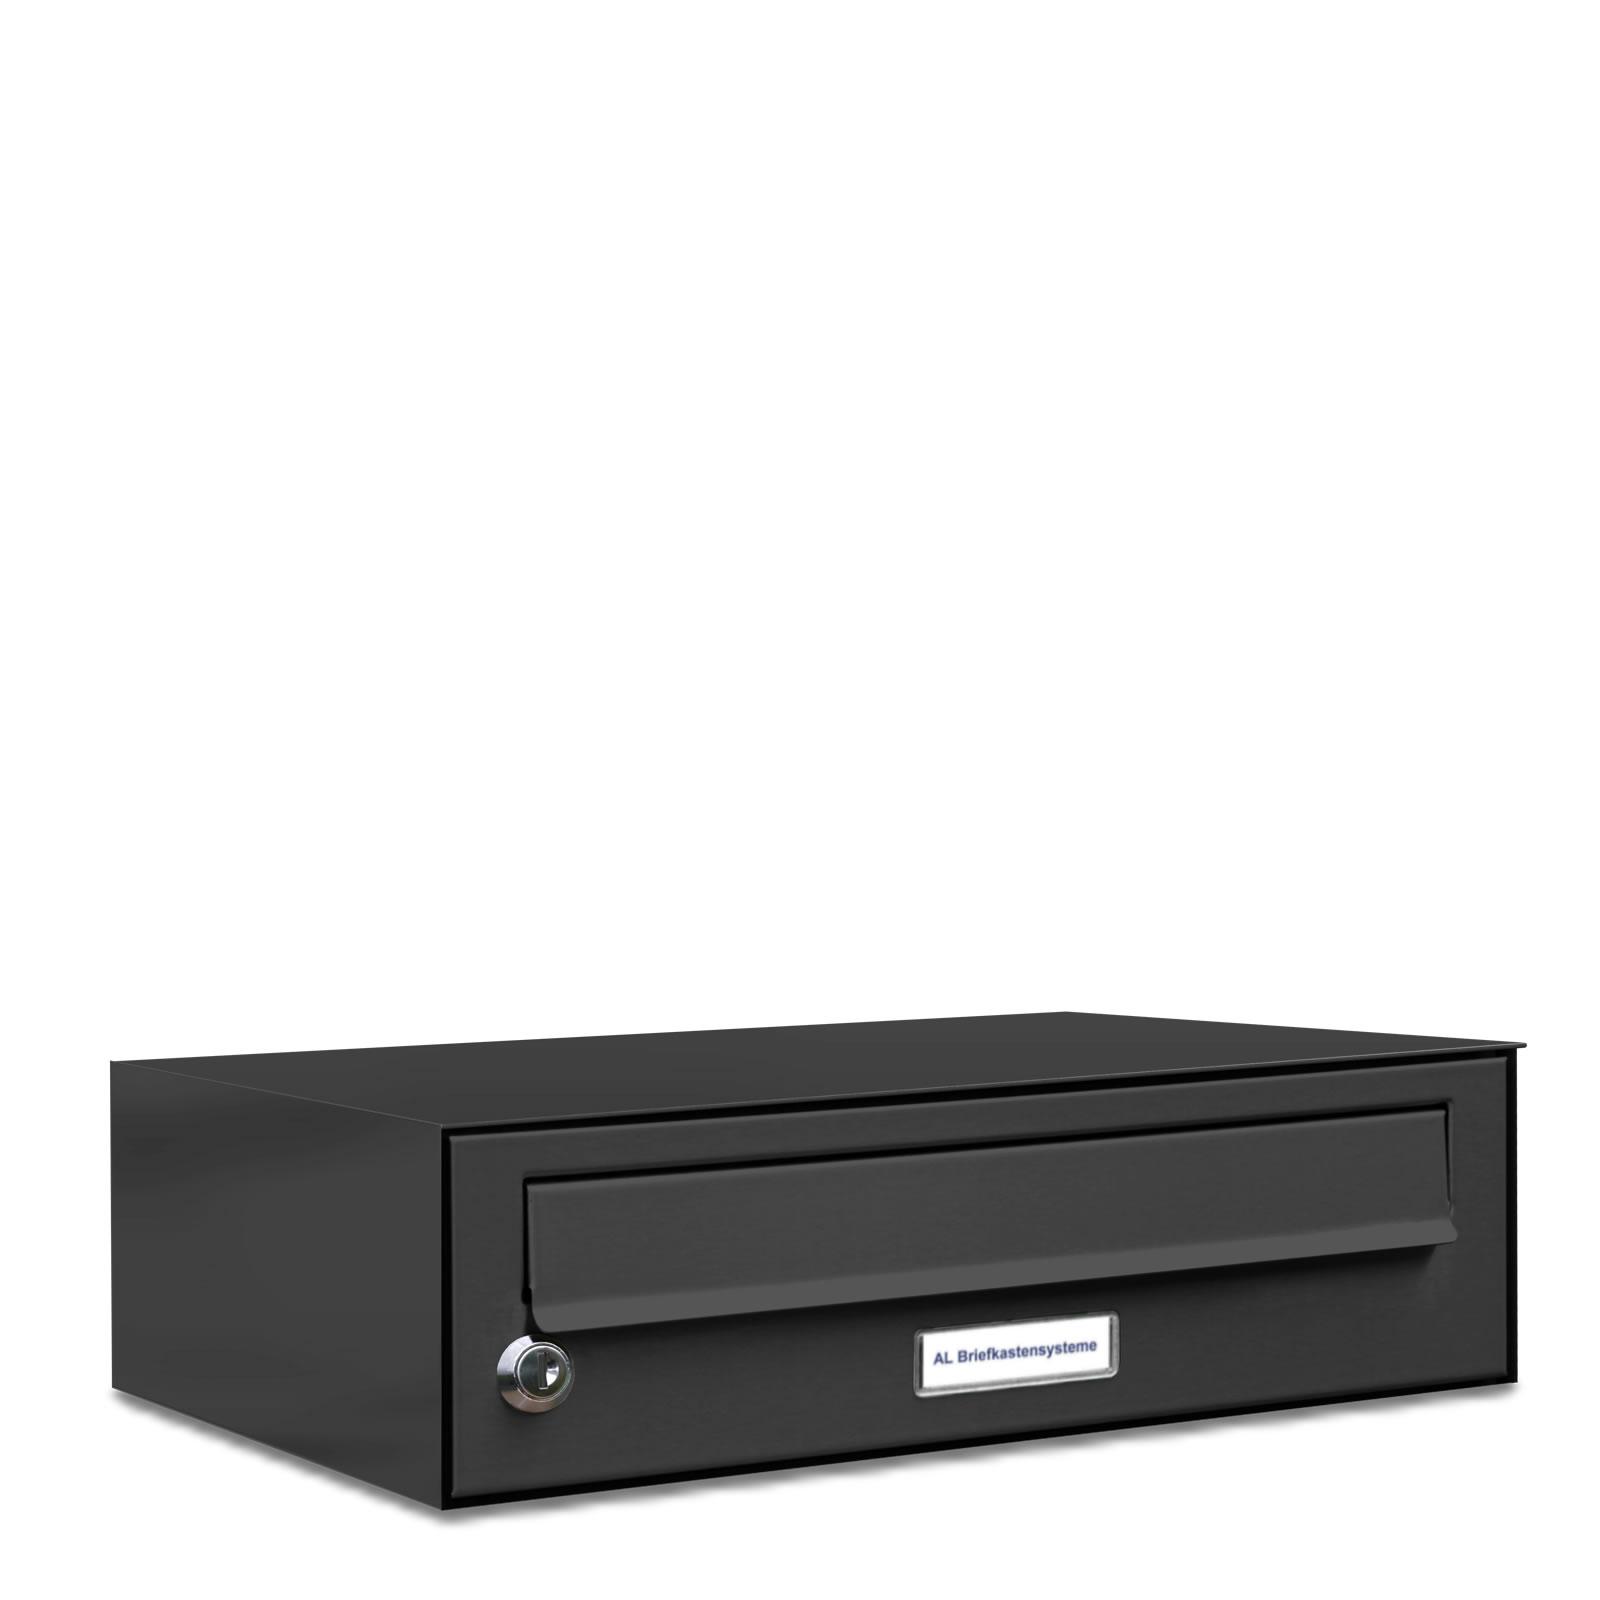 1er briefkasten anlage aufputz wandmontage ral 7016. Black Bedroom Furniture Sets. Home Design Ideas